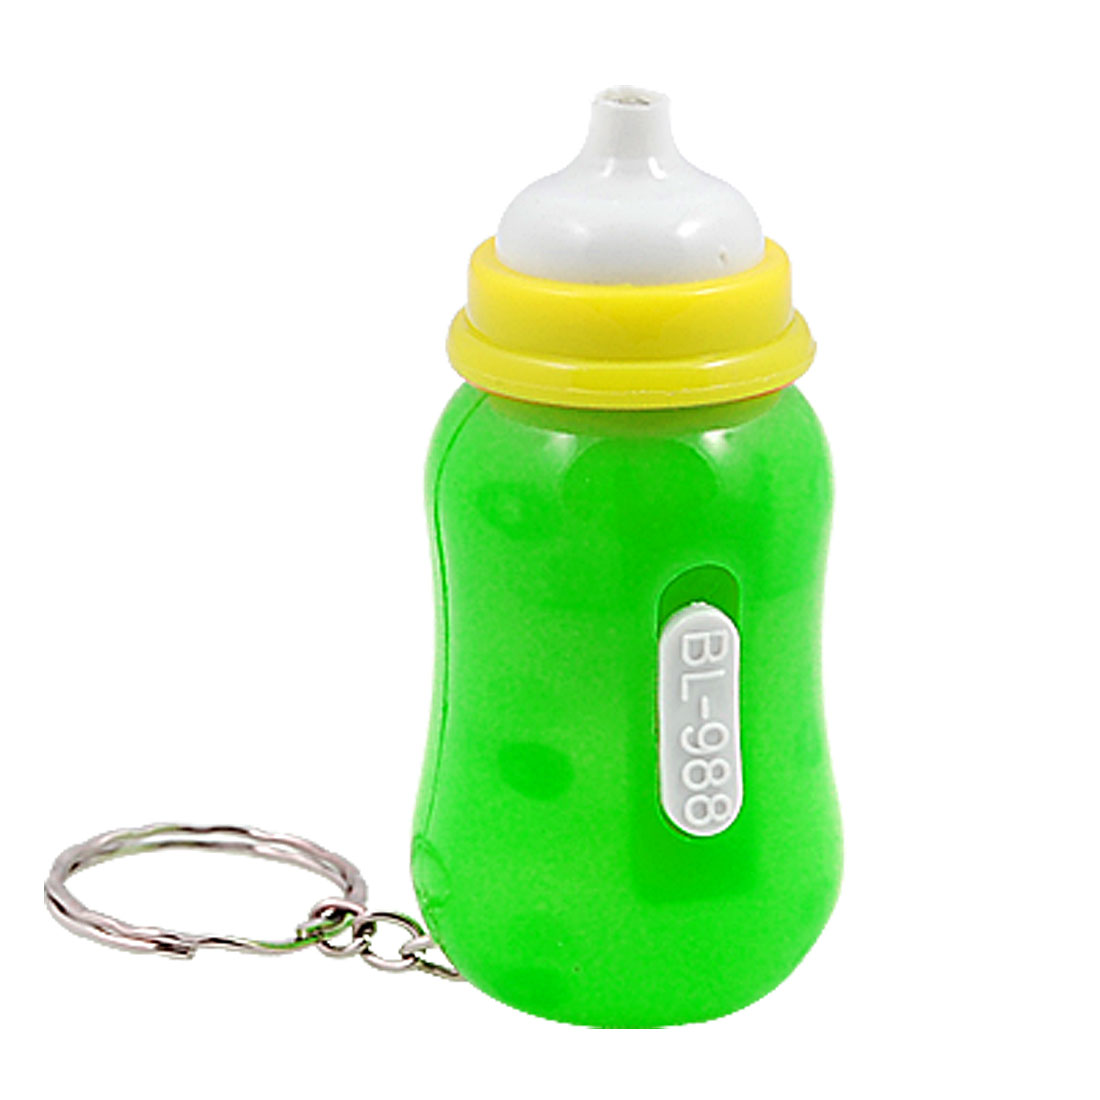 Raising Bottle Design LED Light Key Chain Key Ring Green